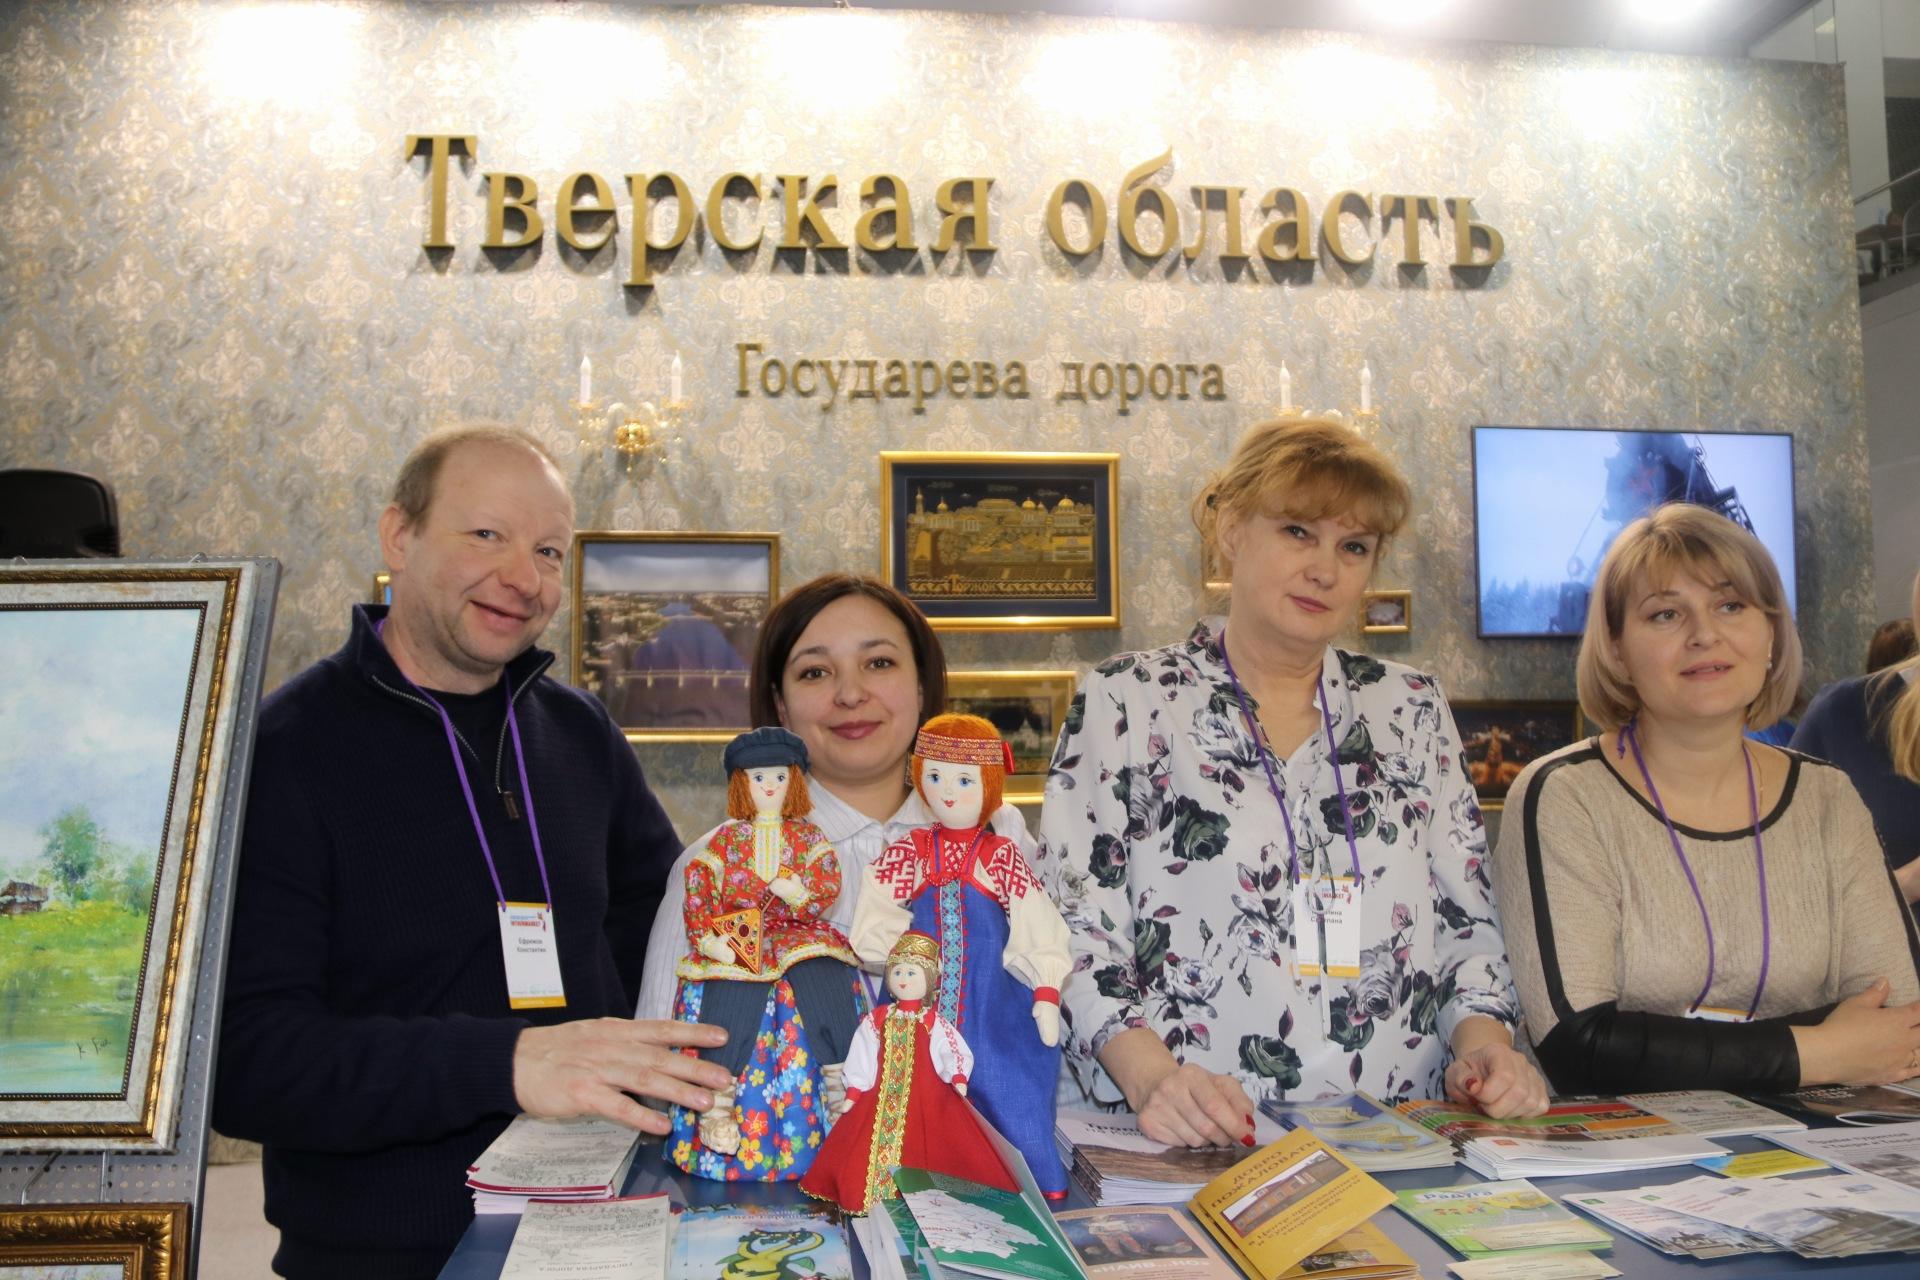 «Государеву дорогу» в Тверской области будут развивать вместе с москвичами и петербуржцами